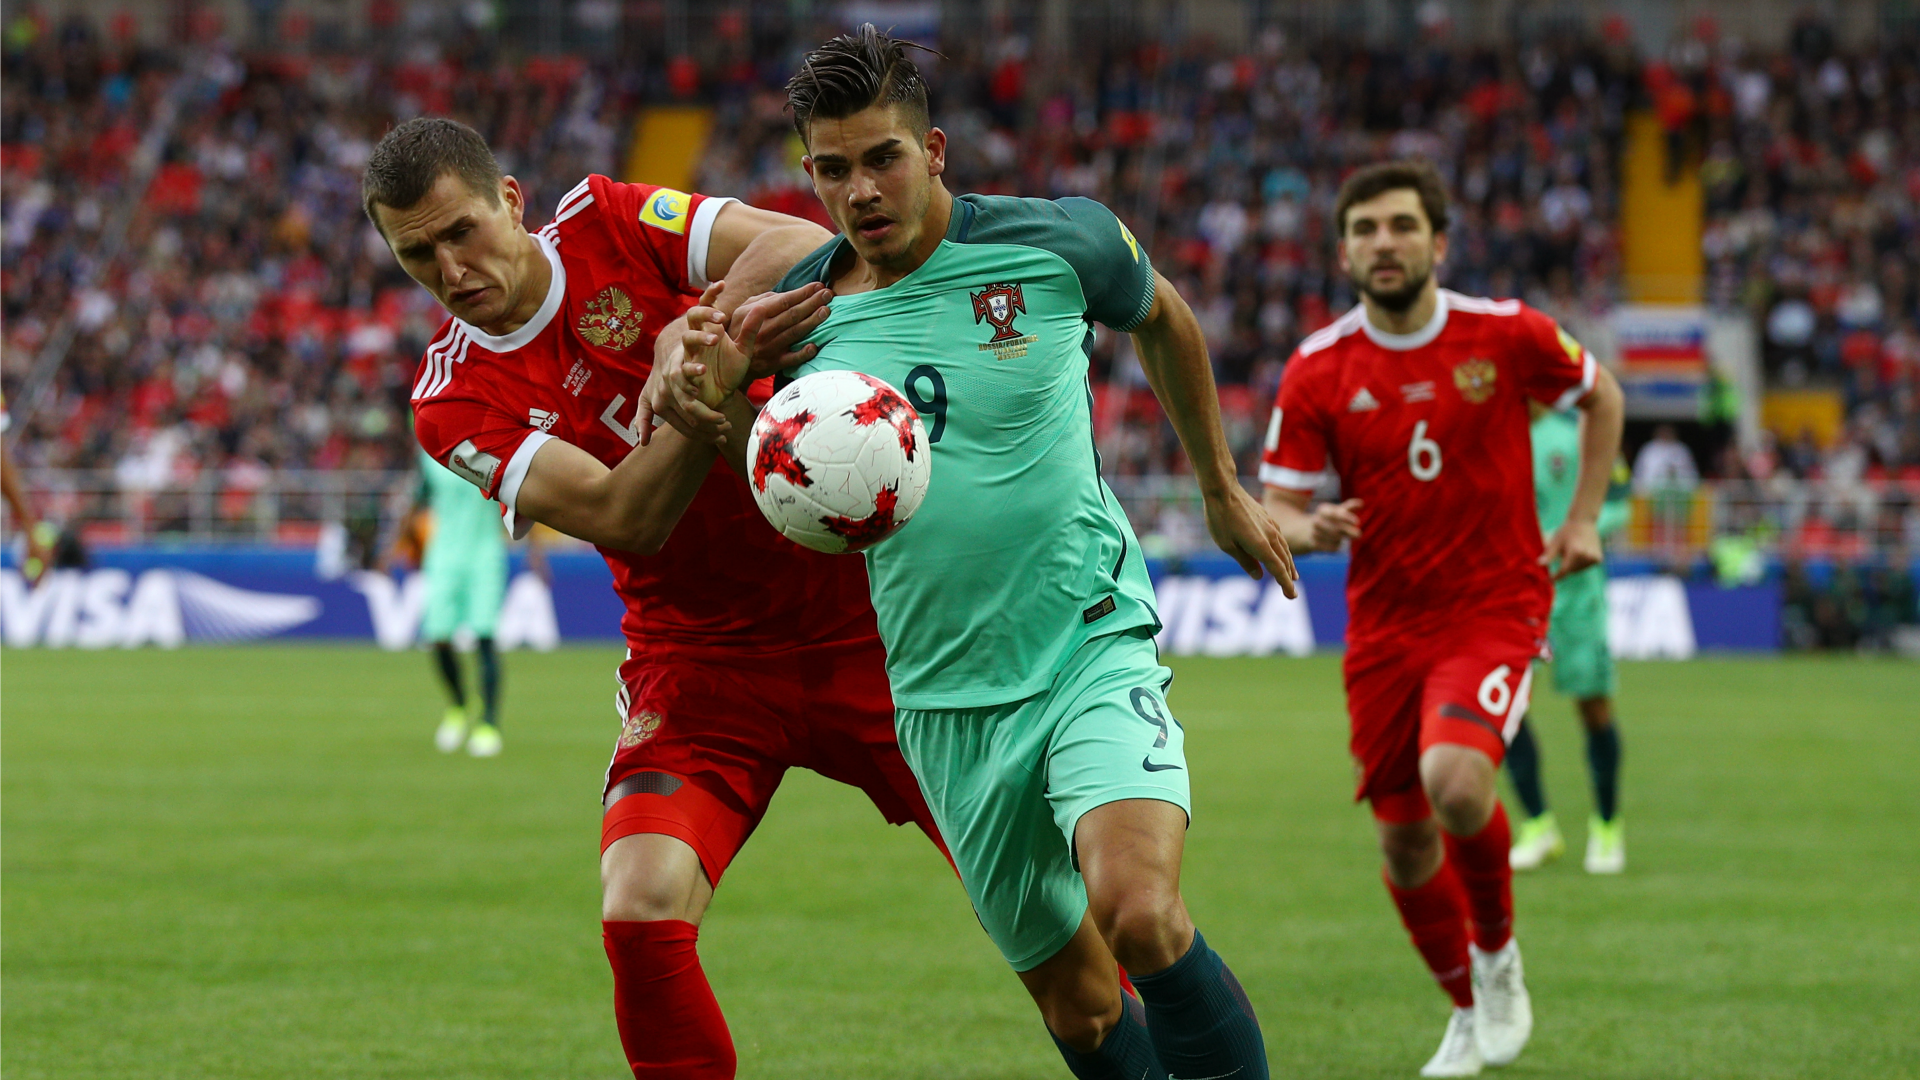 Confederations Cup 2017 - Il Messico non molla mai: Portogallo raggiunto nel finale